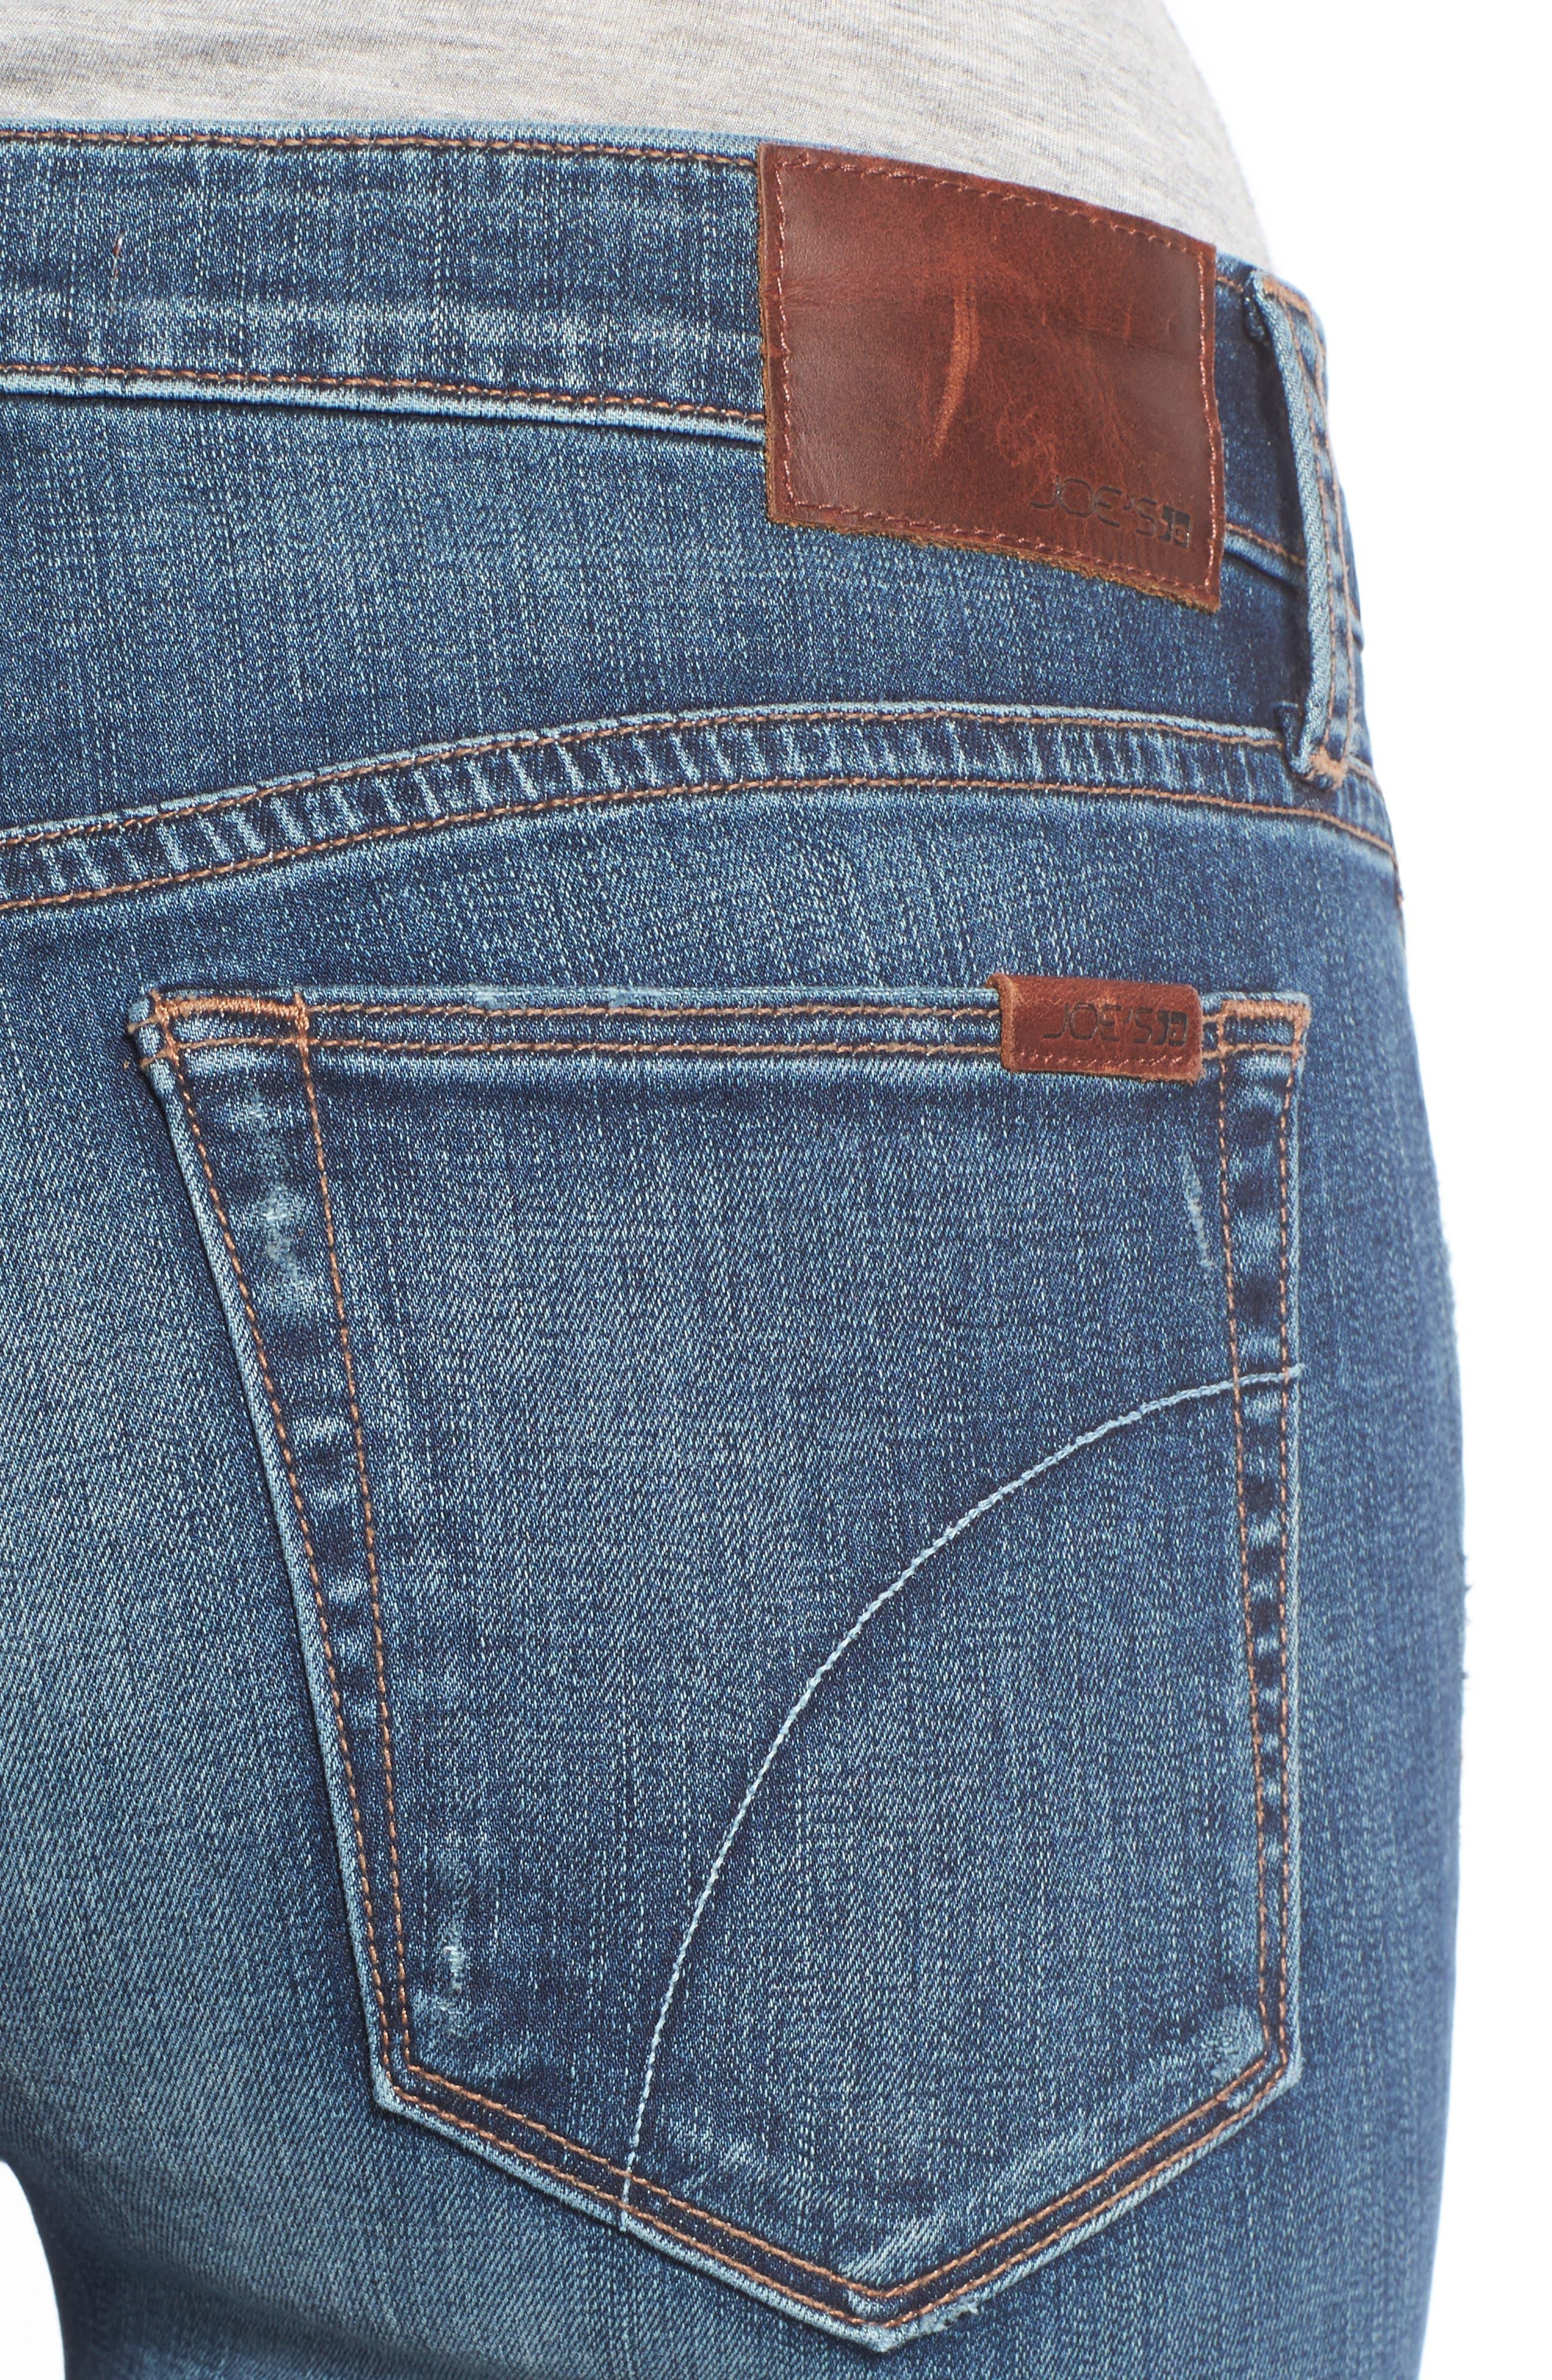 Andie Skinny Crop Jeans,                             Alternate thumbnail 4, color,